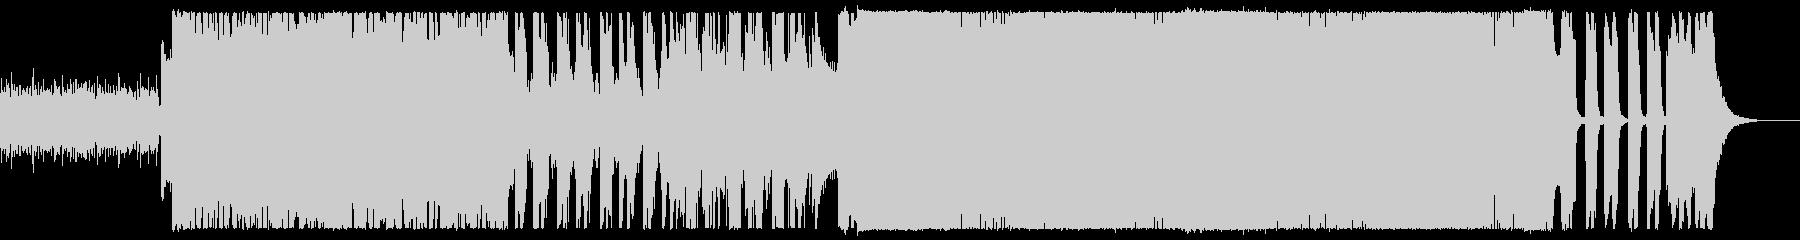 激しく攻撃的なシャウトのメタルの未再生の波形